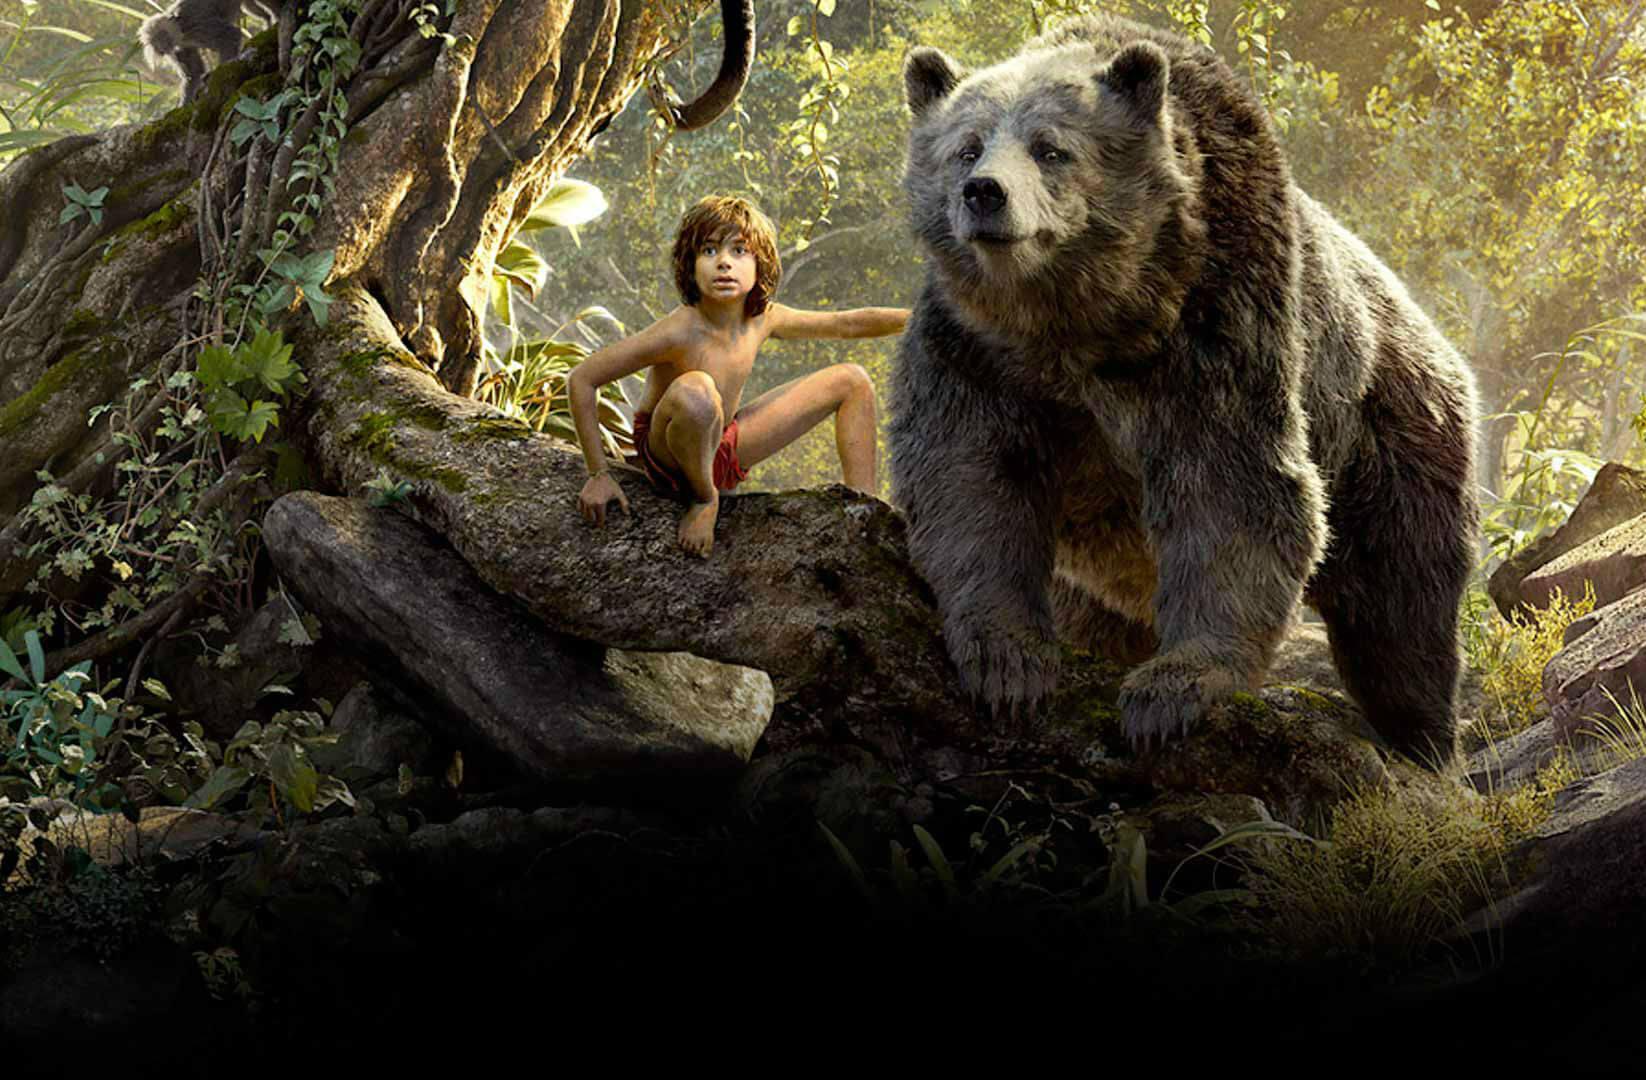 The Jungle Book 2016 Movie Still